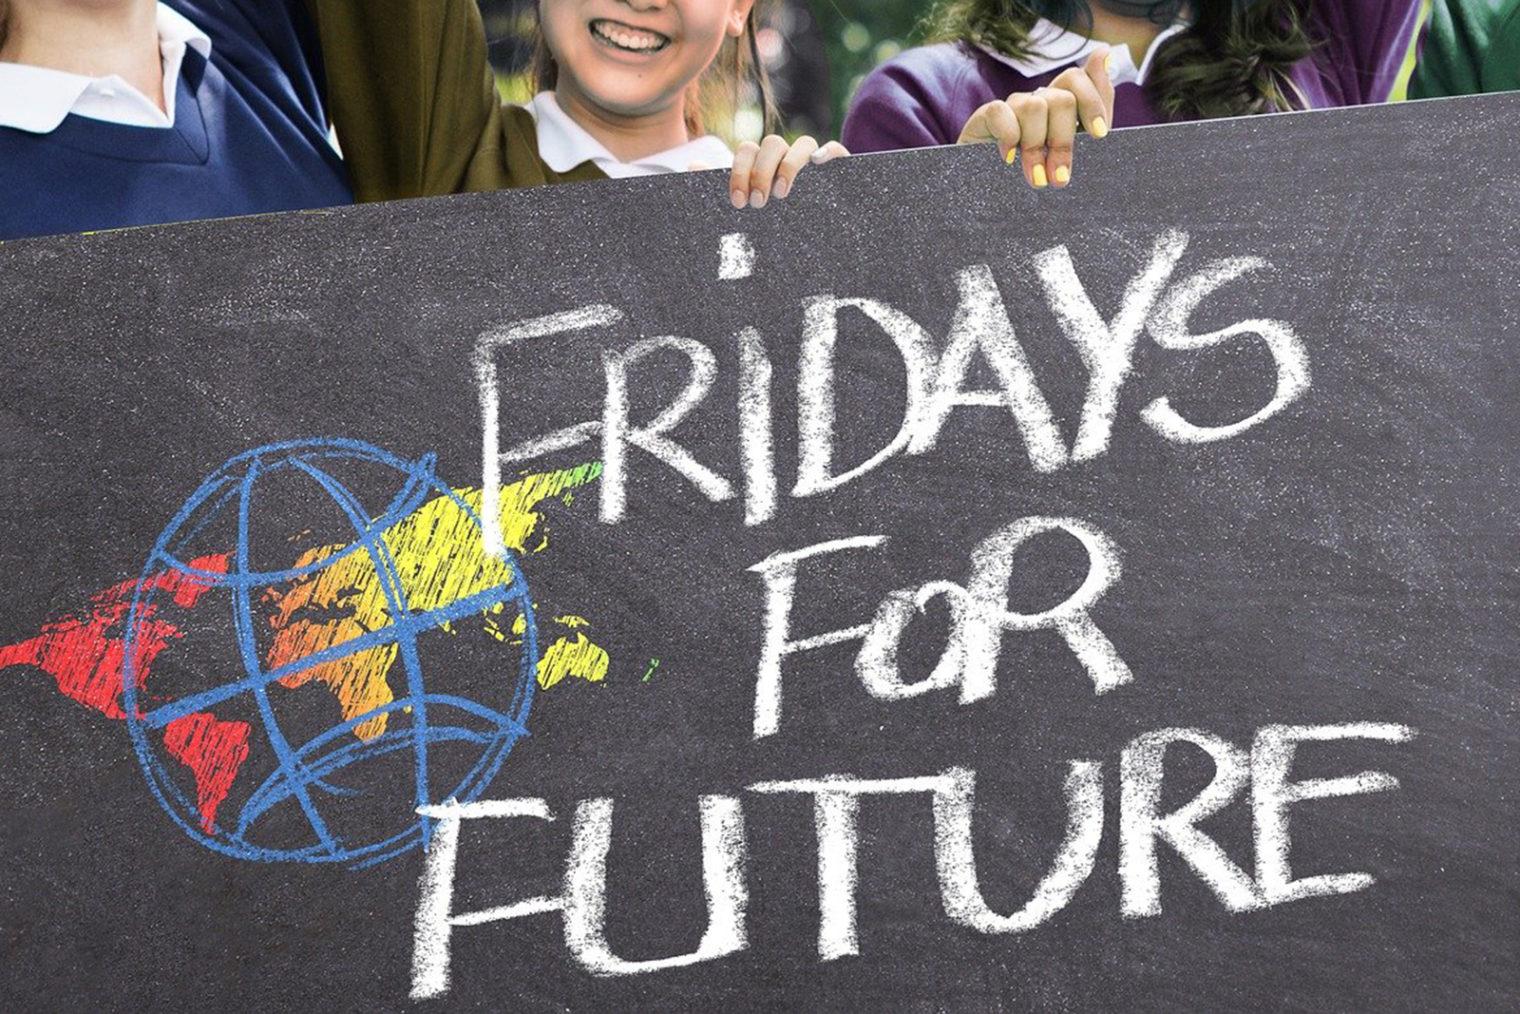 Plakat von einer Klimaschutz-Demonstration